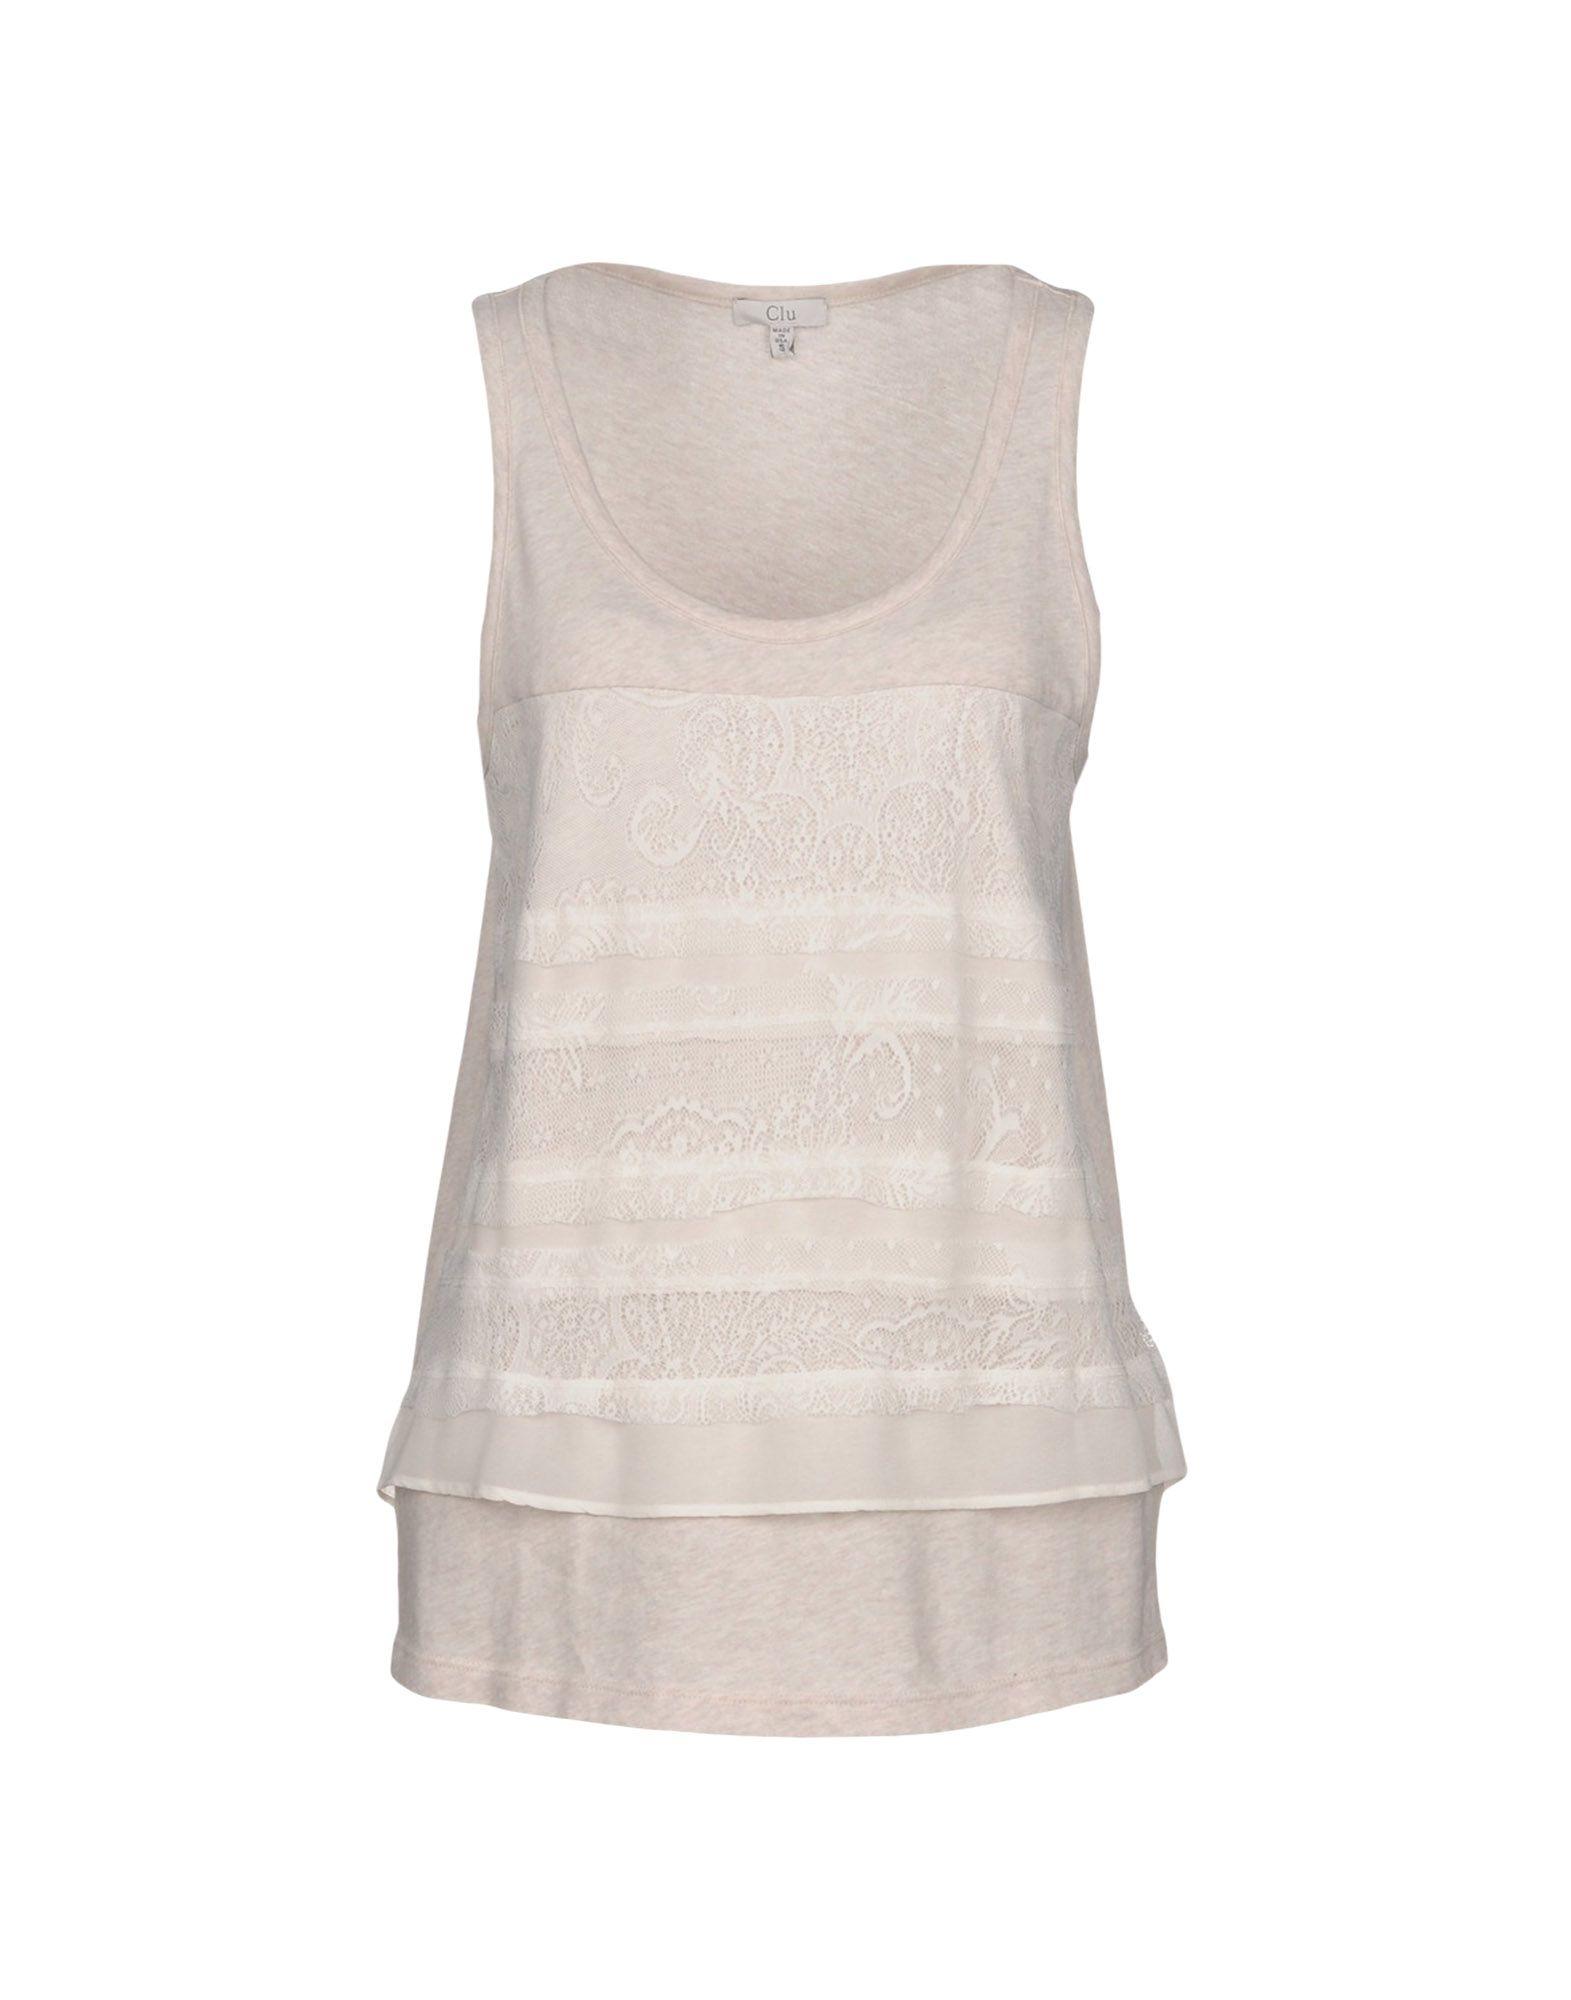 CLU Топ без рукавов y clu юбка для девочки yb6286 разноцветный y clu